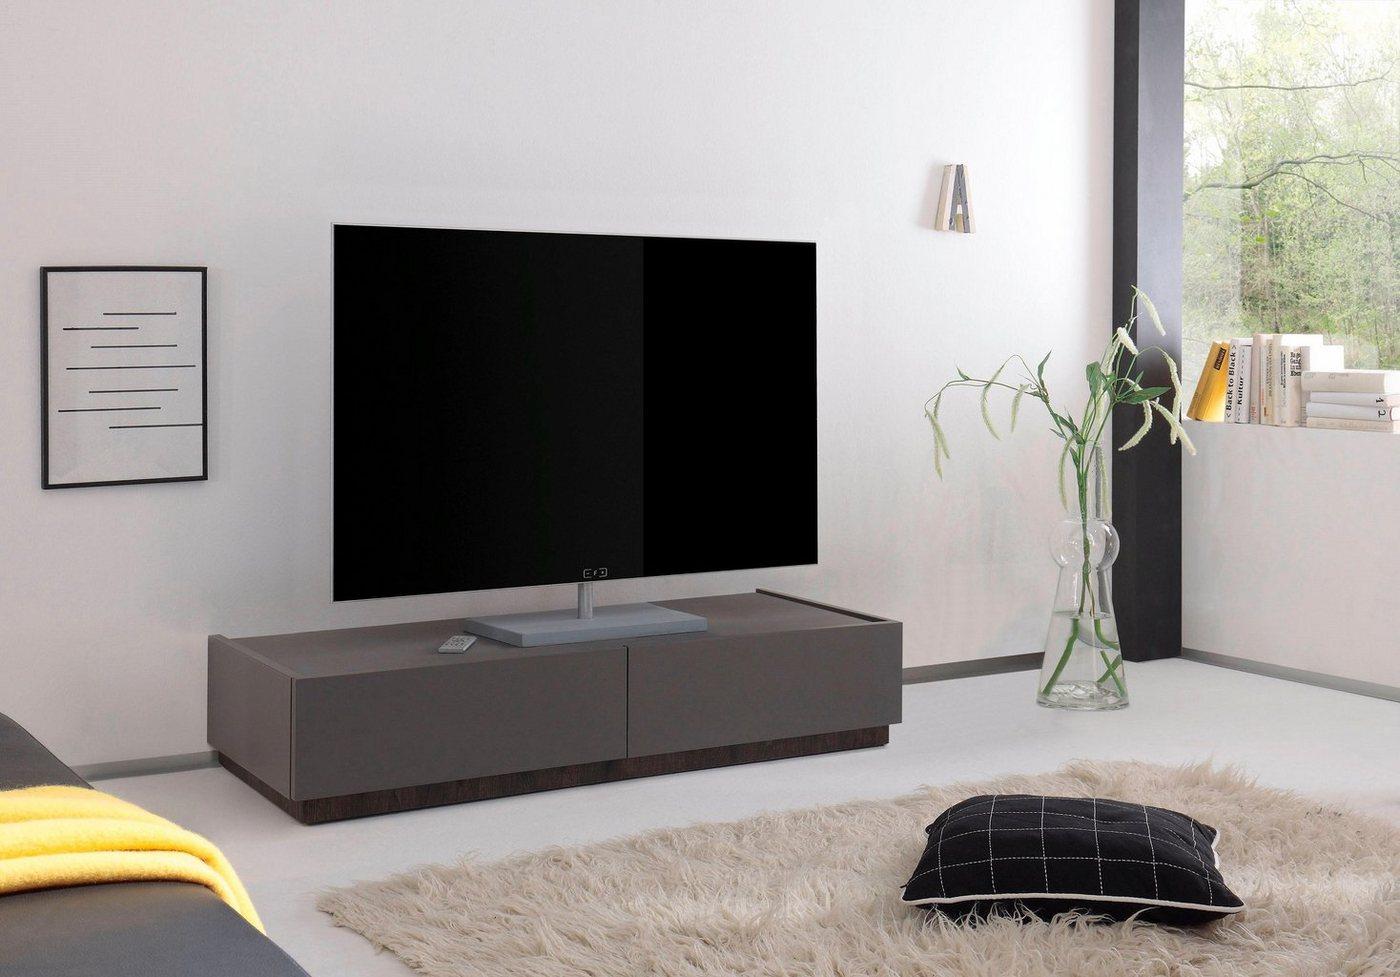 TV-meubel Zela met 2 laden, breedte 123 cm